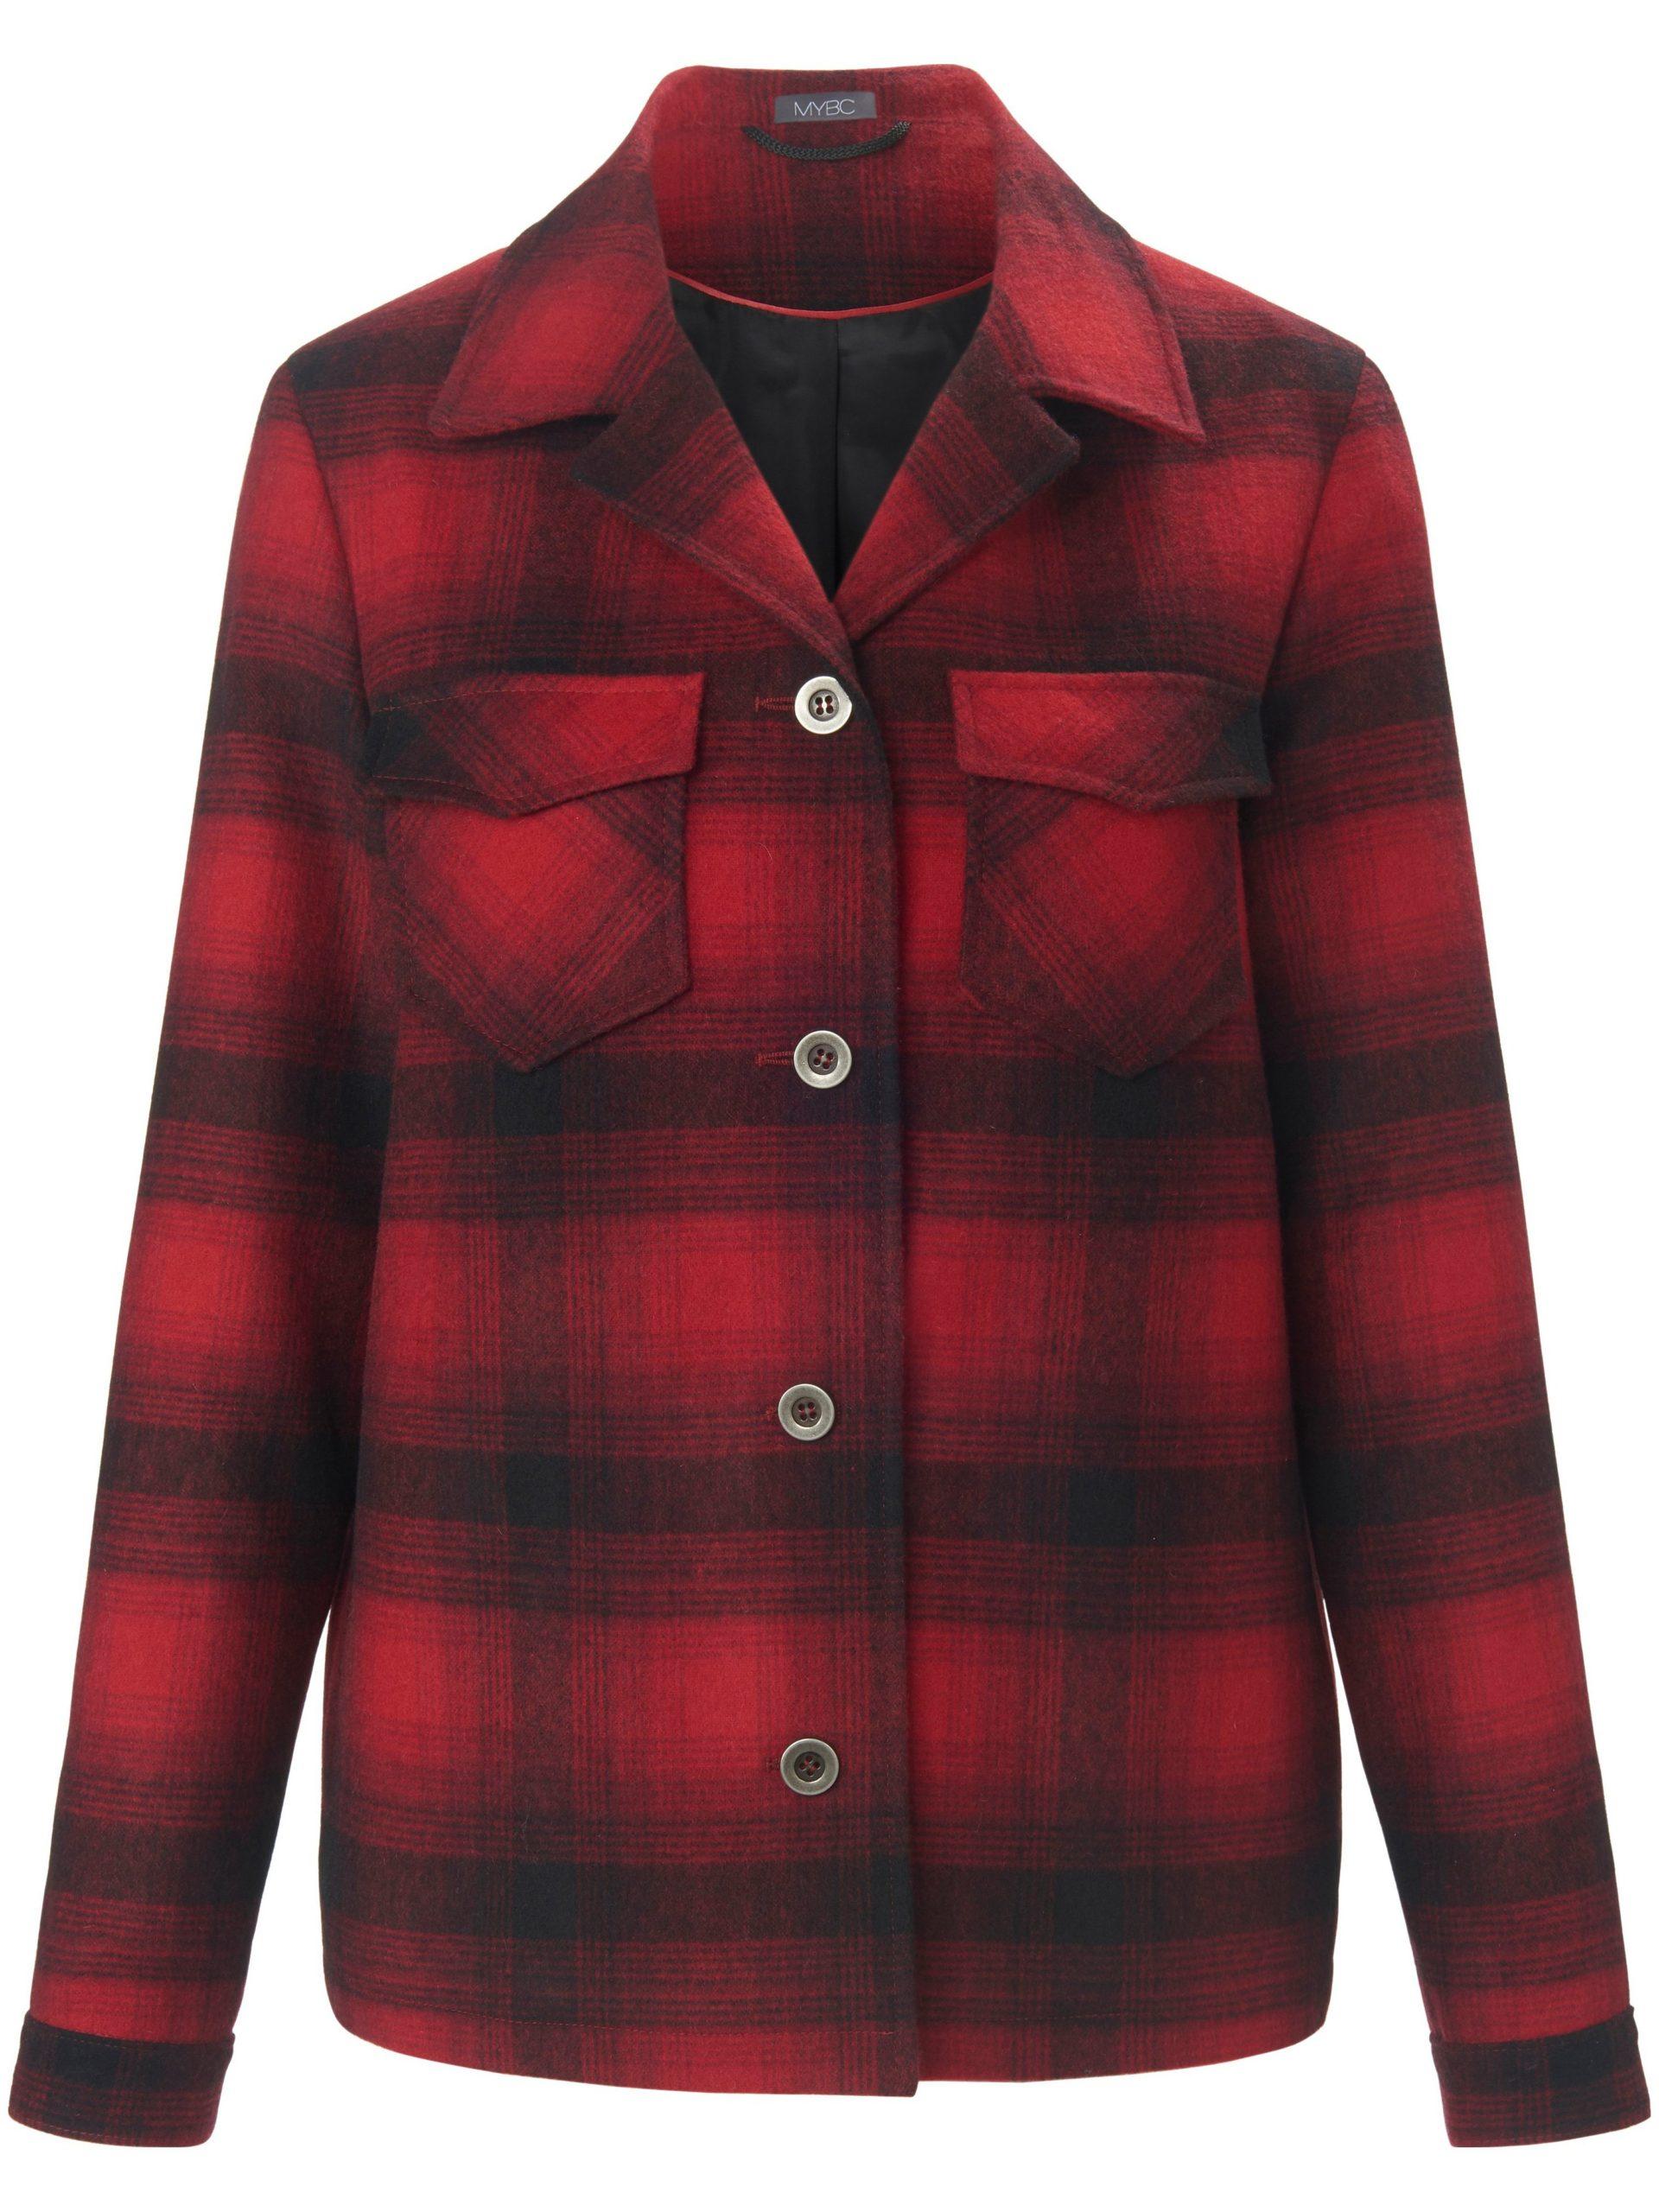 Outdoor-overhemdjasje in recht model Van MYBC rood Kopen